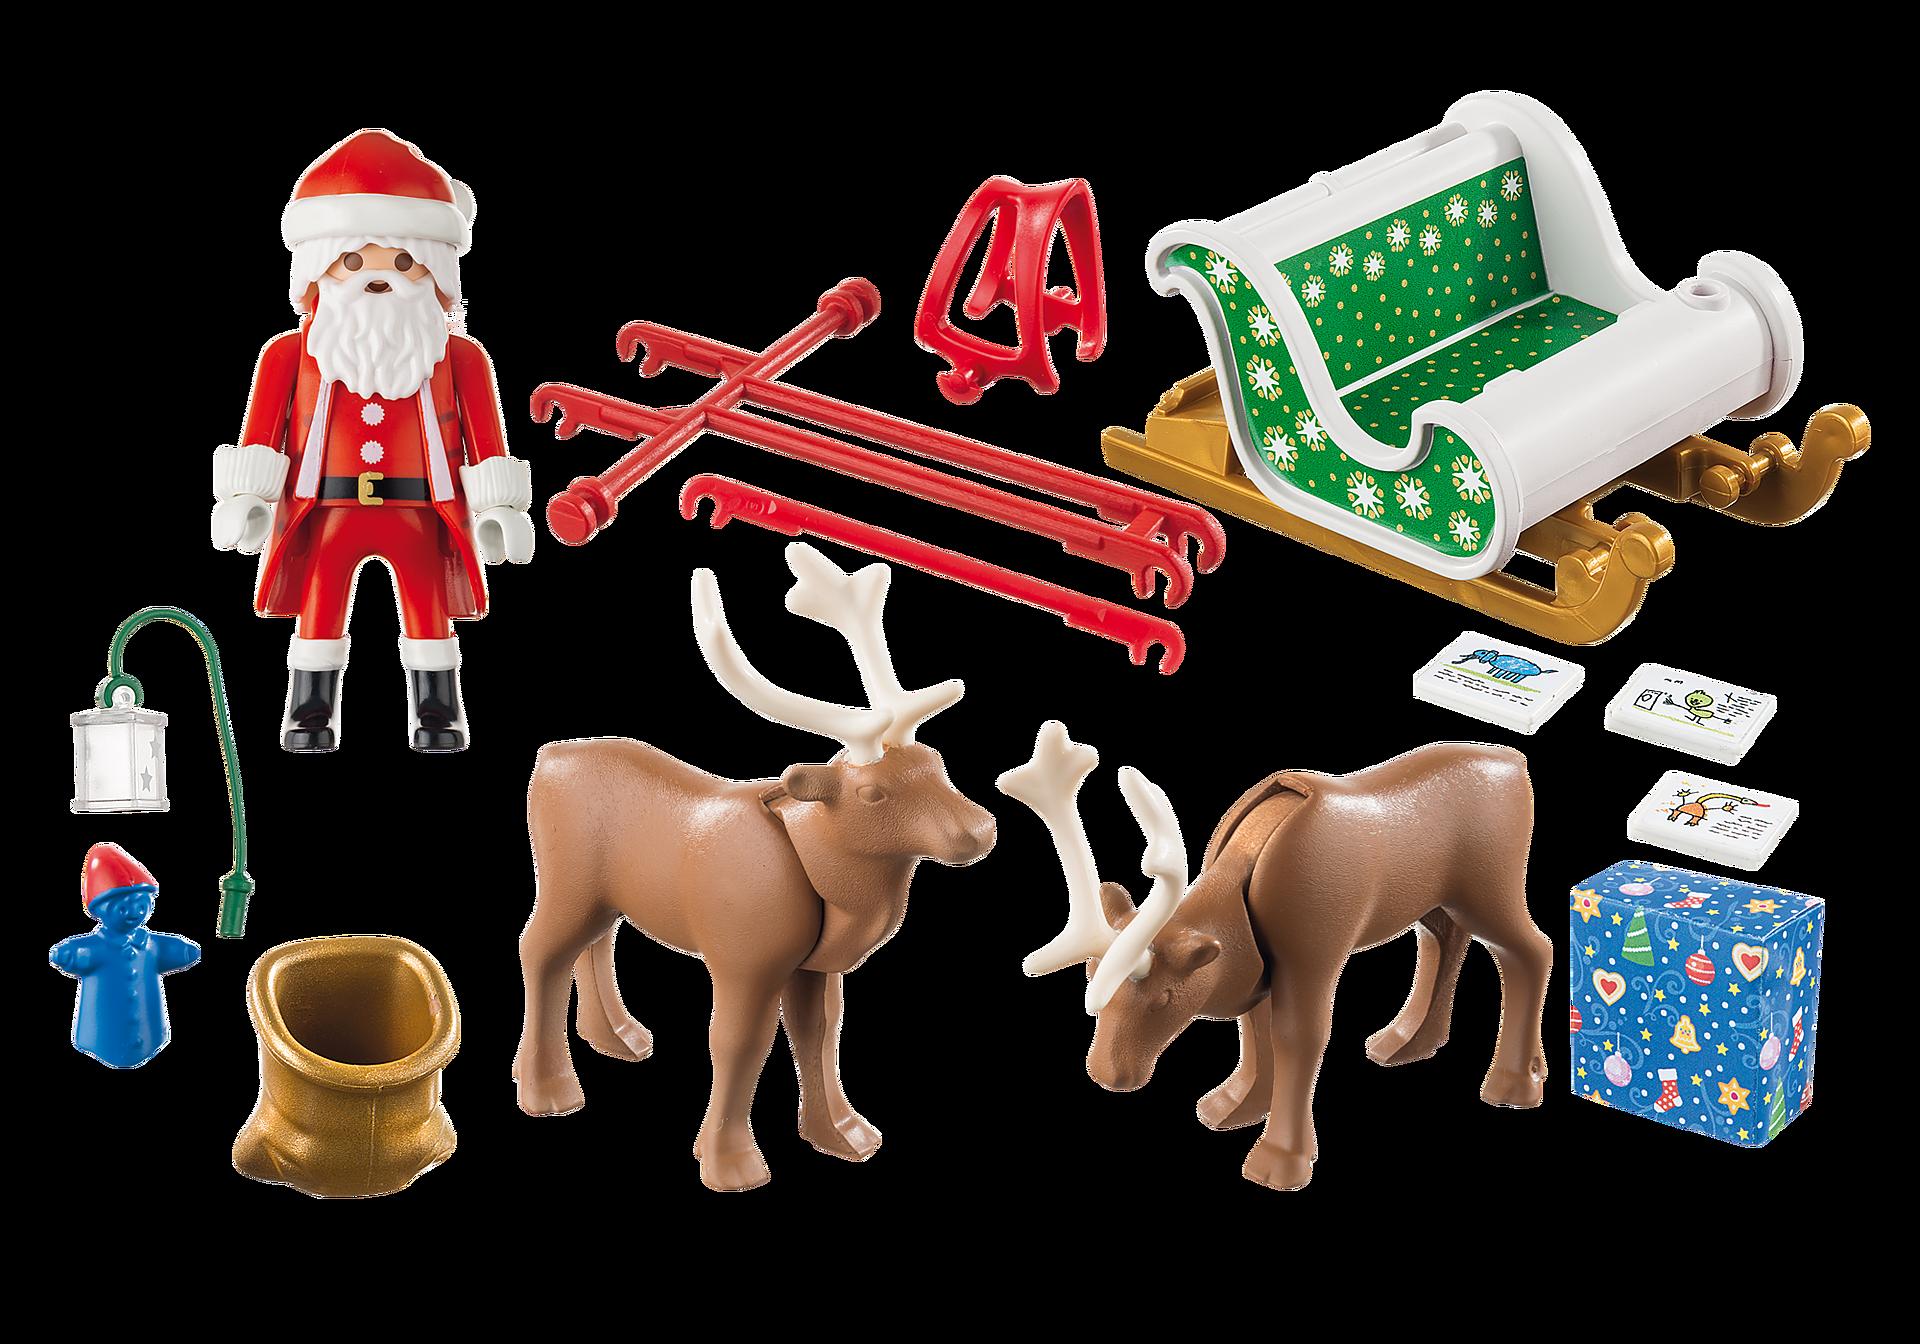 Renne Babbo Natale.Slitta Di Babbo Natale Con Renne 9496 Playmobil Italia